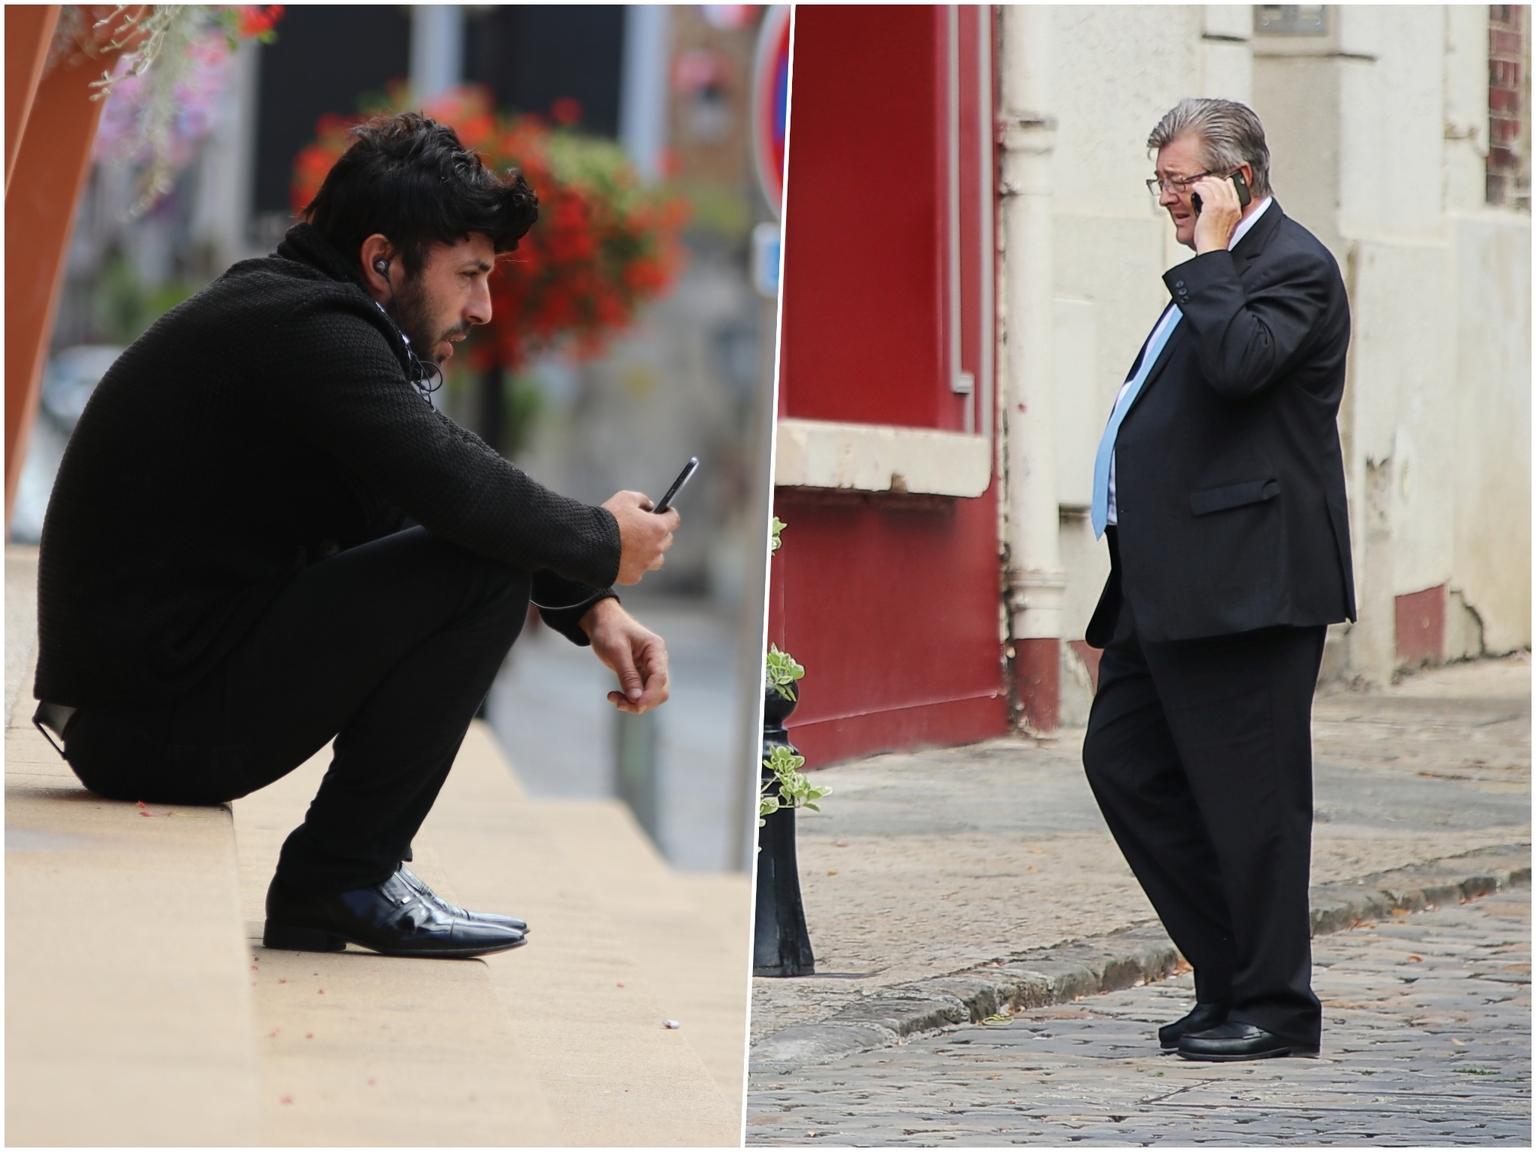 bellen...... - - - foto door onne1954 op 10-04-2021 - deze foto bevat: straatfotografie, telefoon, schoenen, schoen, been, mens, straatmode, mode, mouw, staand, gebaar, blazer